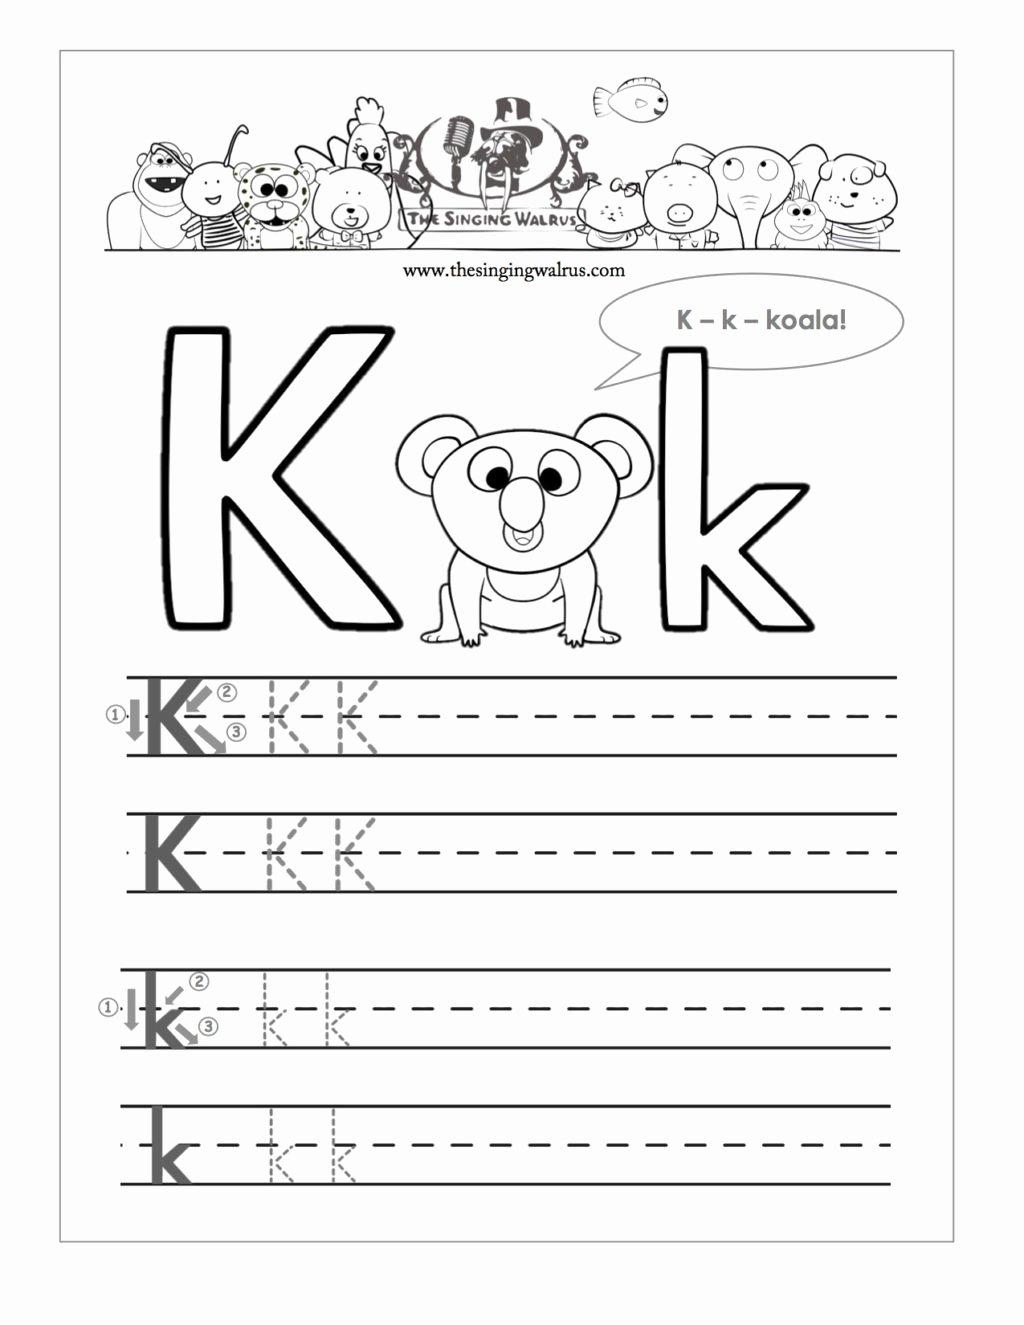 Letter K Worksheets for Preschoolers Ideas Worksheet Free Printable Letter K Barka Fantastic